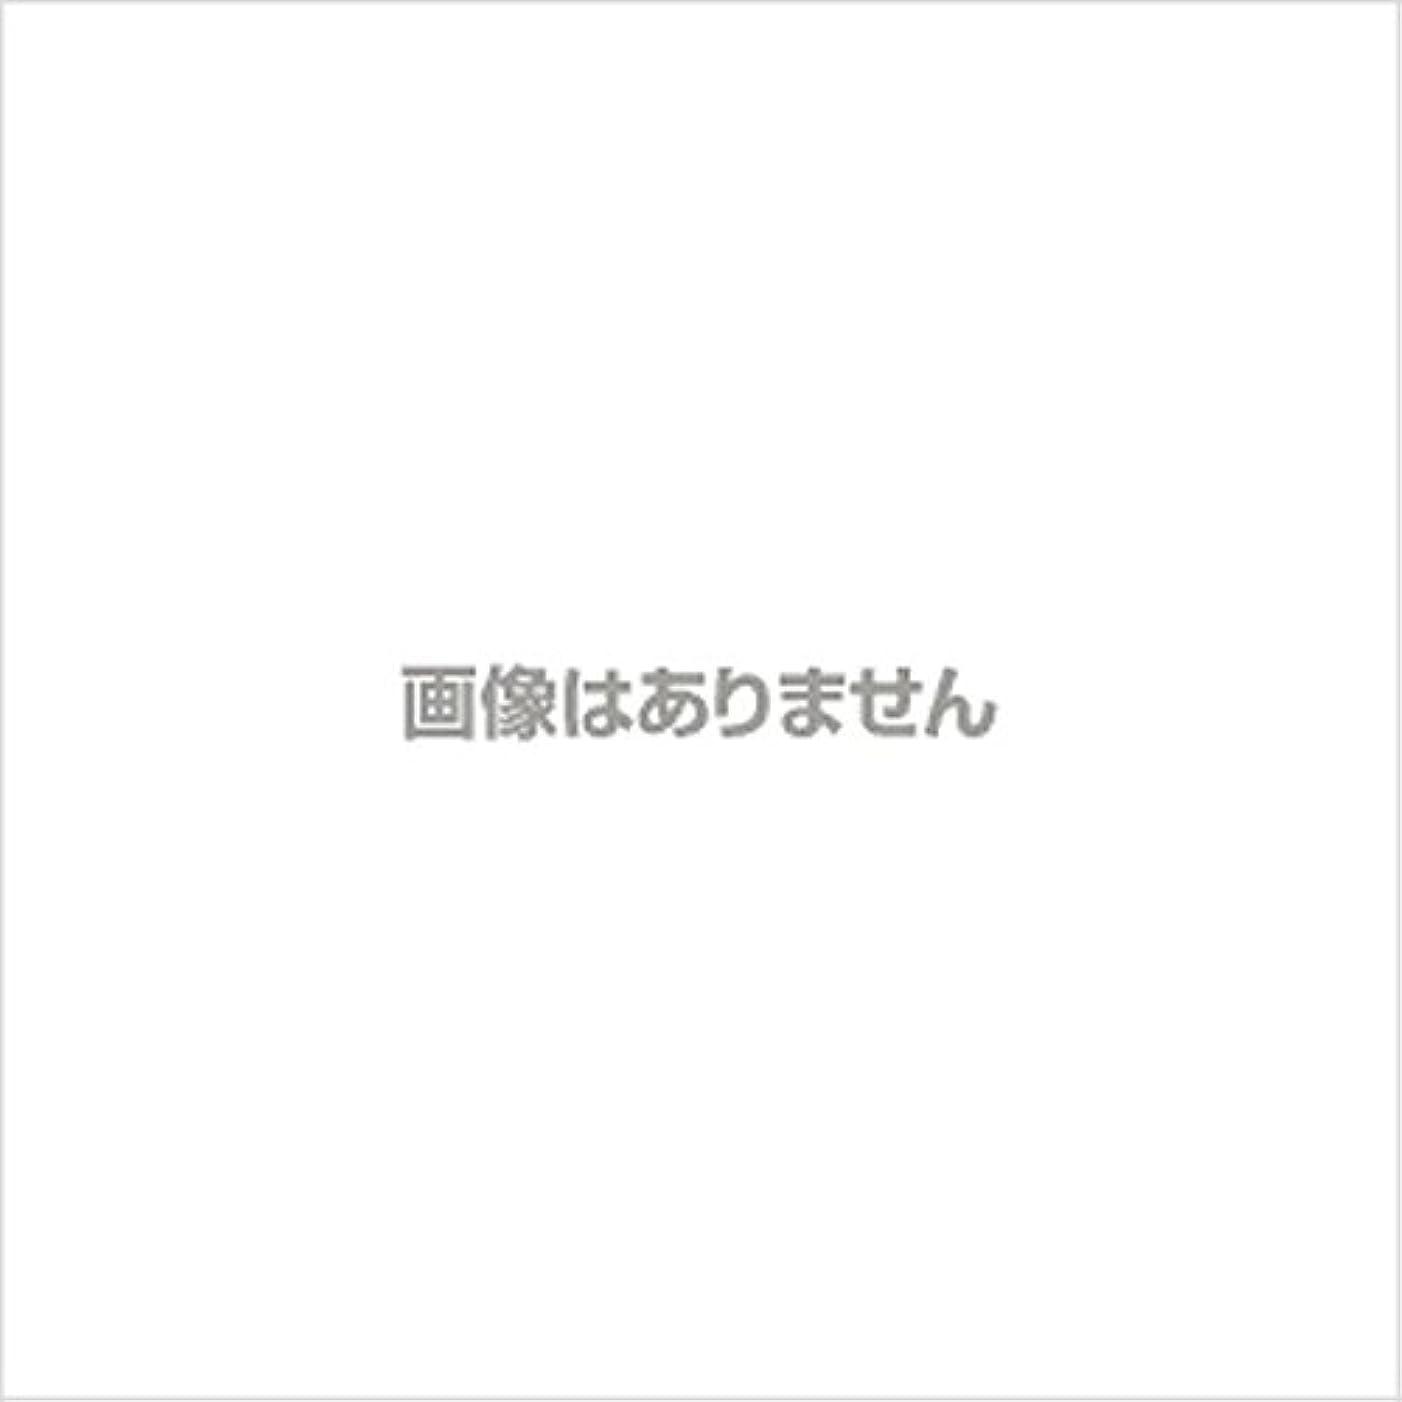 ペニー魅力的であることへのアピール時間厳守ニュージャスト ヘルパーグローブ L(500枚入) 【商品コード】4010500